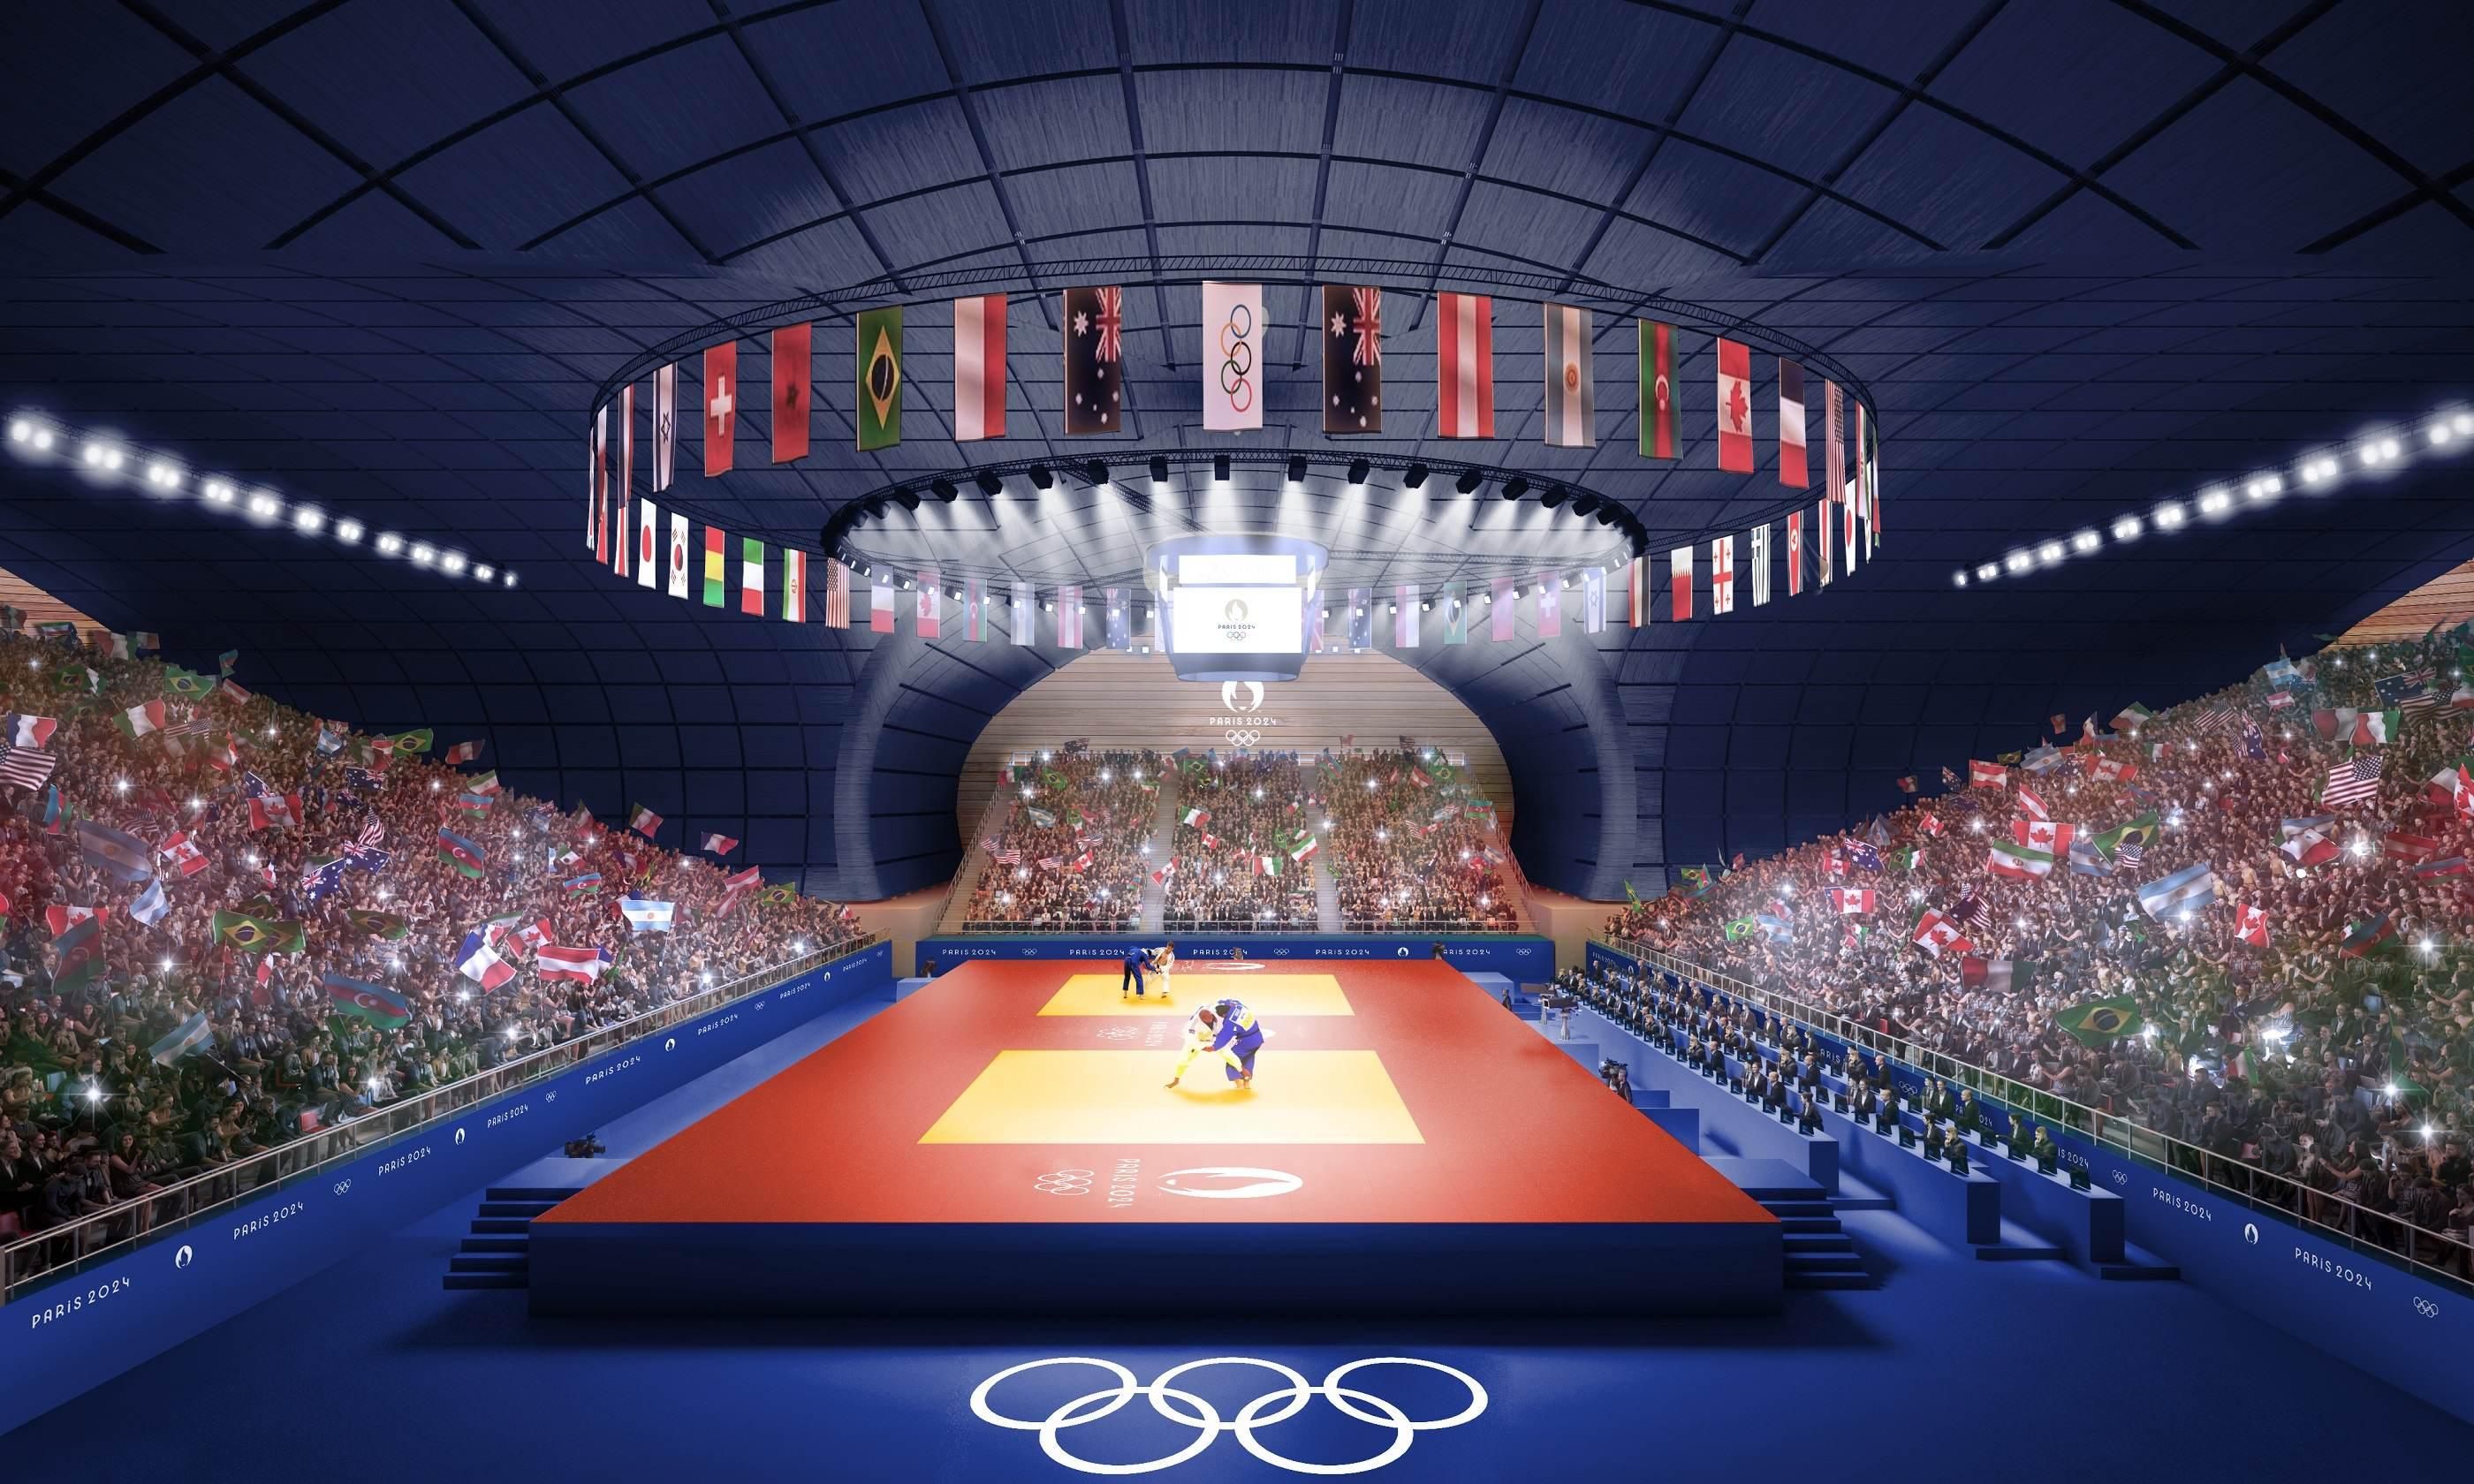 Projeção de arena para lutas na Paris 2024